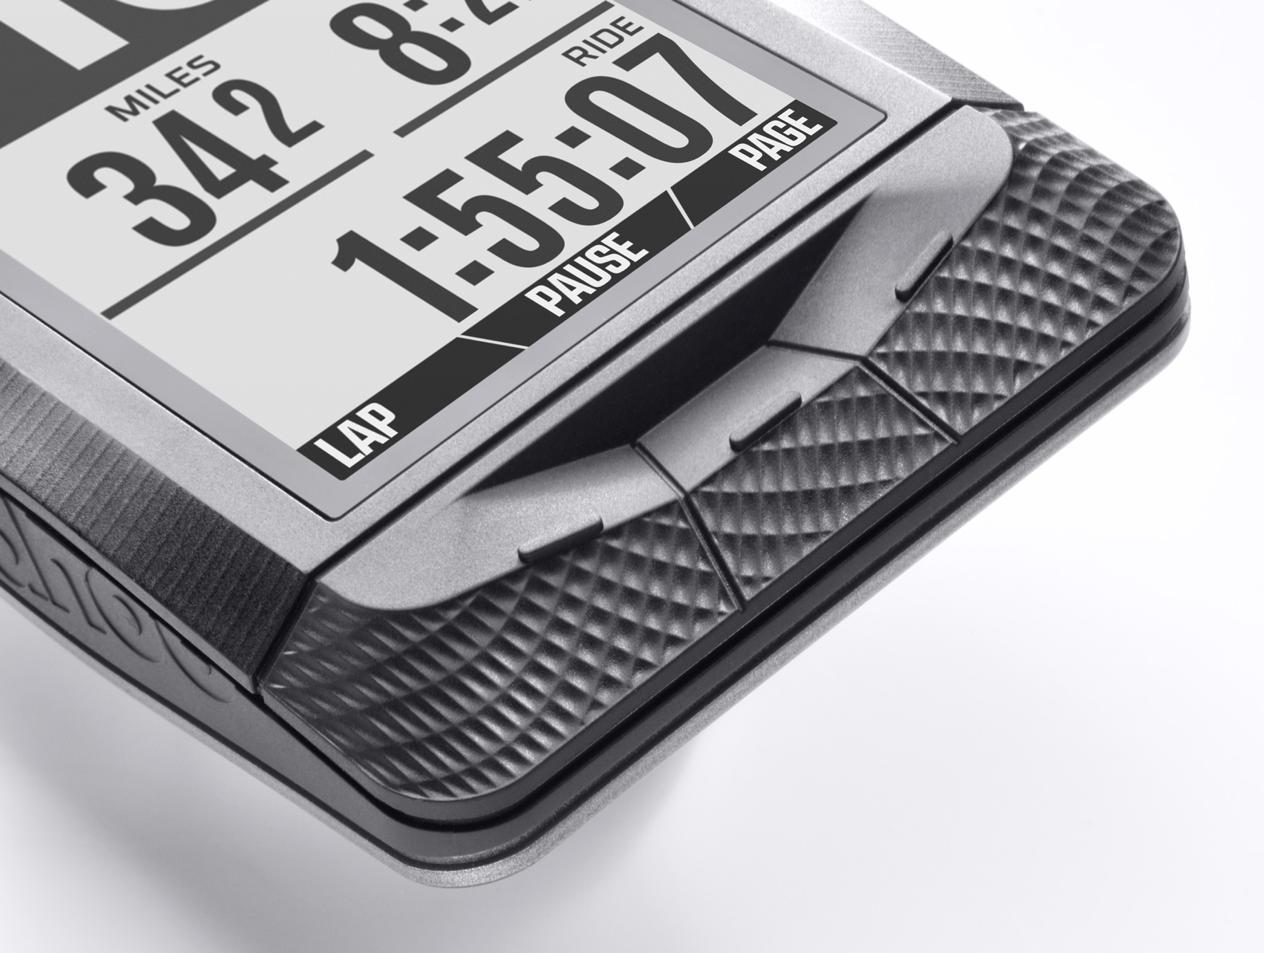 Pin Na Doske Fahrrad Radsport Smart Devices